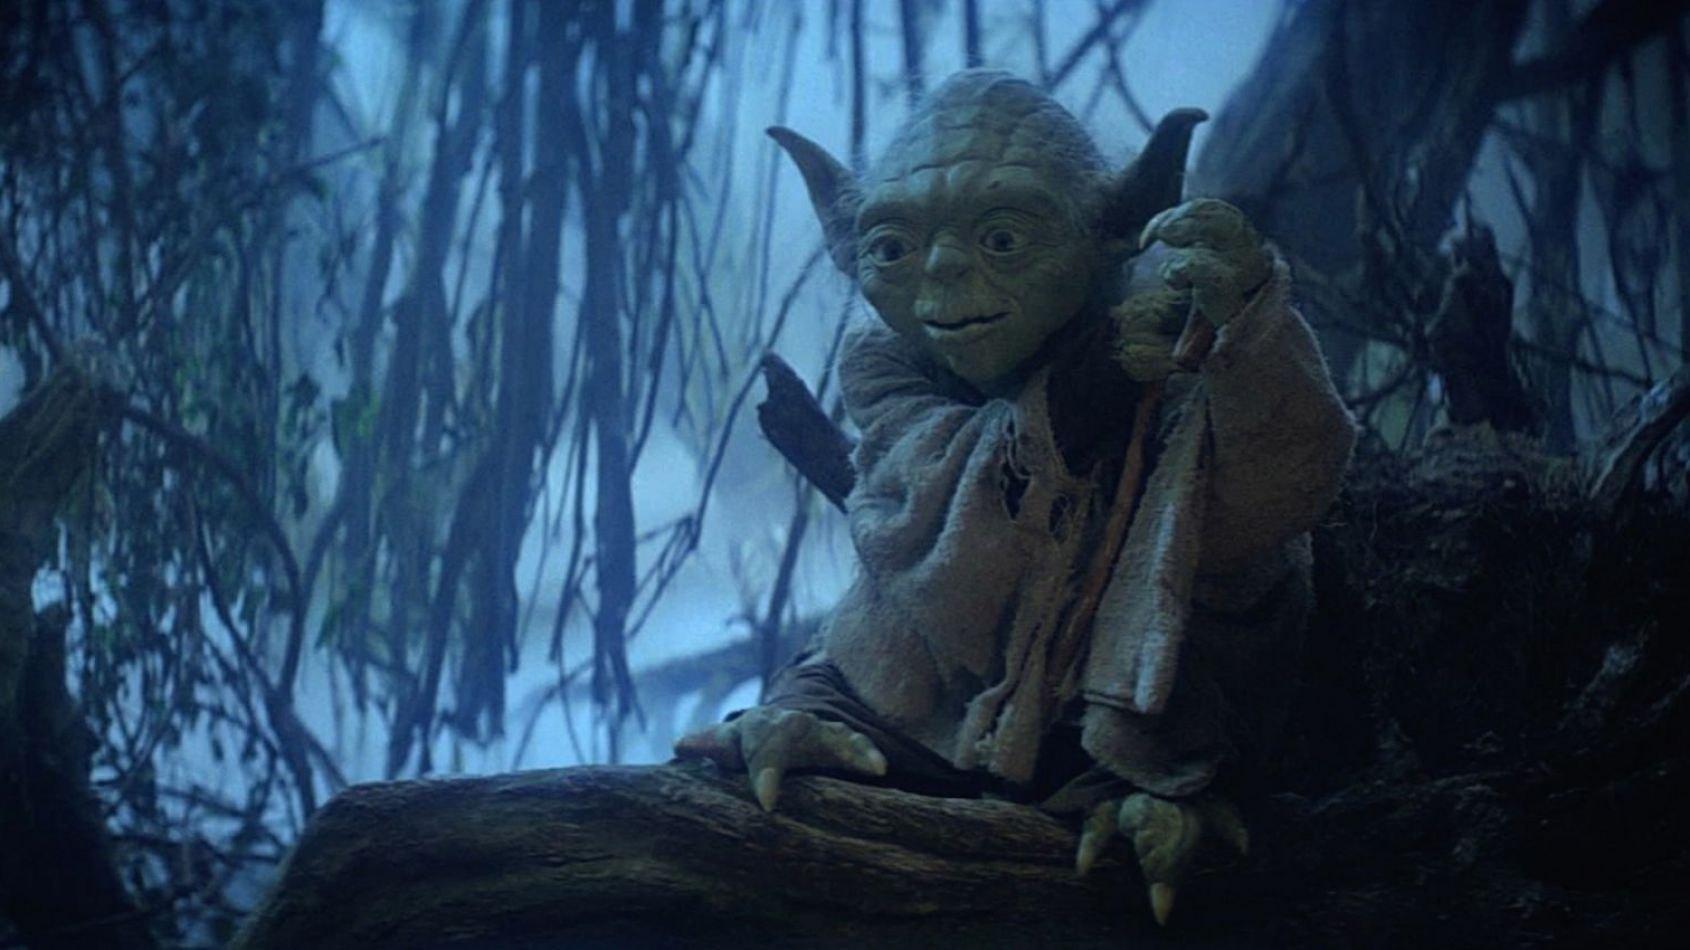 Frank Oz confirmerait-il le retour de Yoda dans Les Derniers Jedi ?